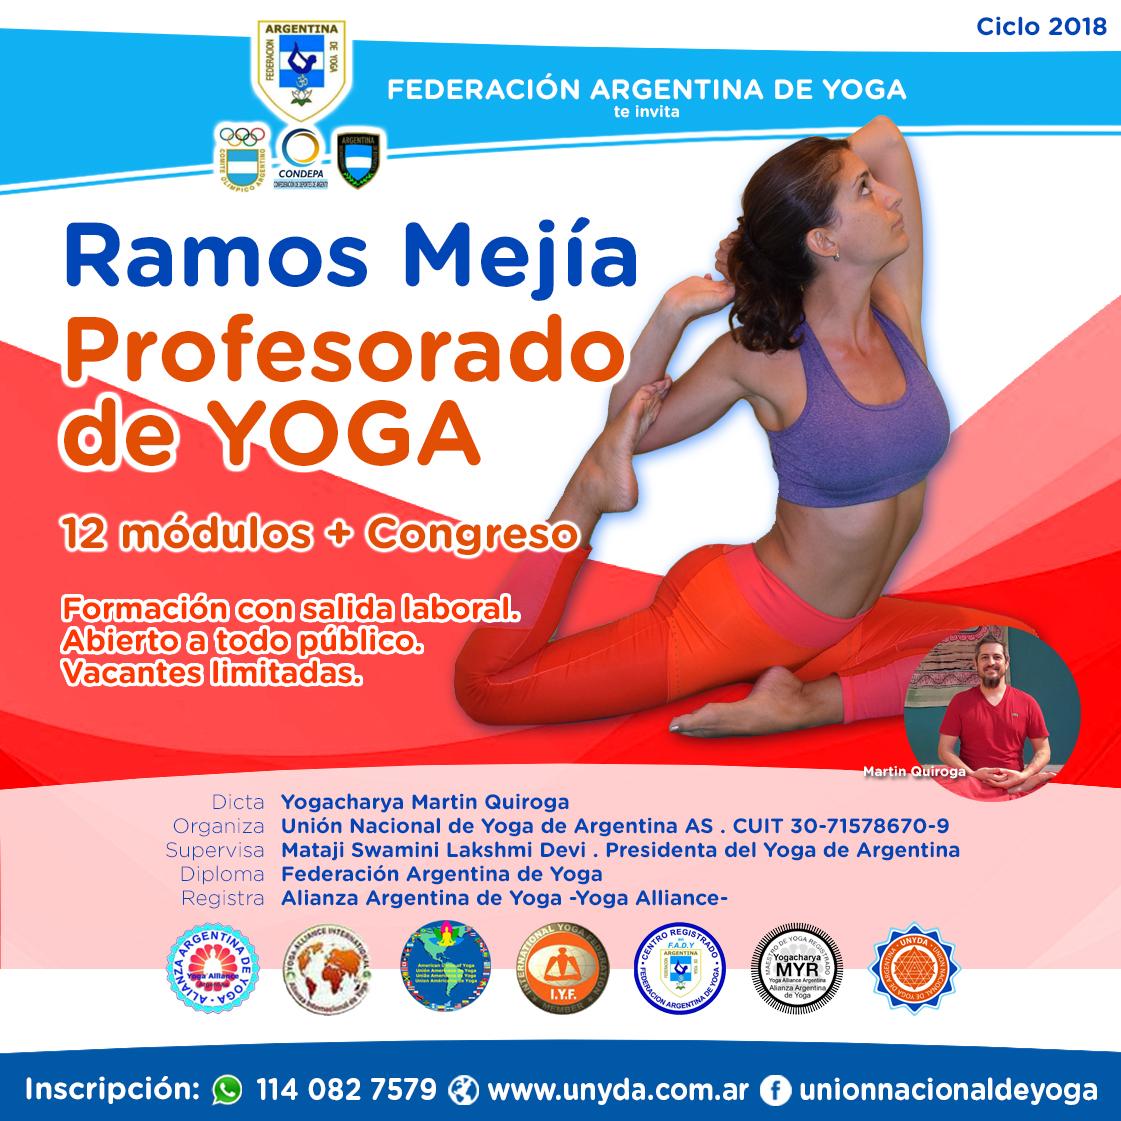 Profesorado de Yoga Integral en Ramos Mejía